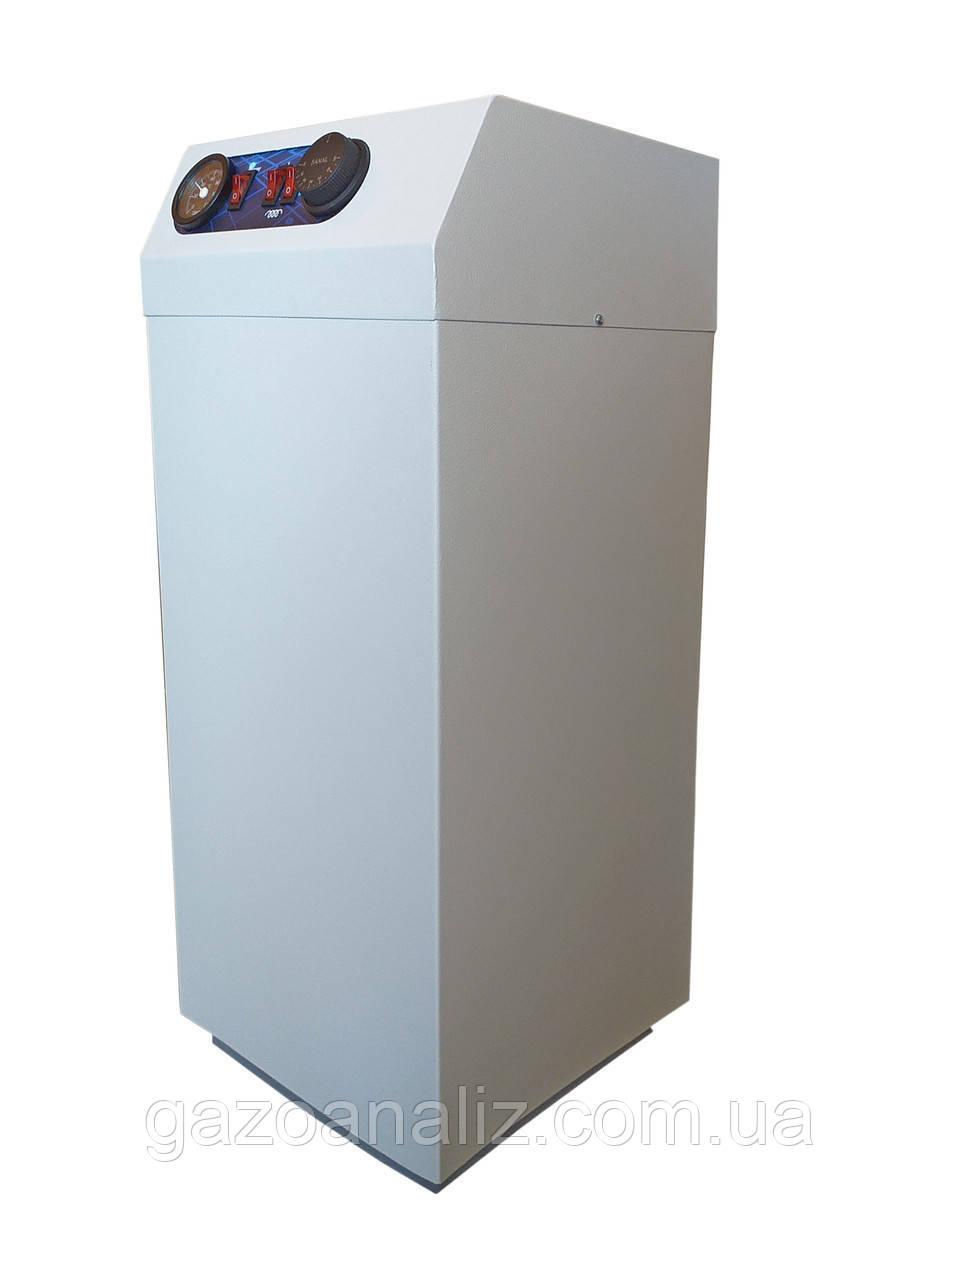 Котел електричний підлоговий ТМ NEON серії PRO Grade 150 кВт/380в. Магнітний пускач